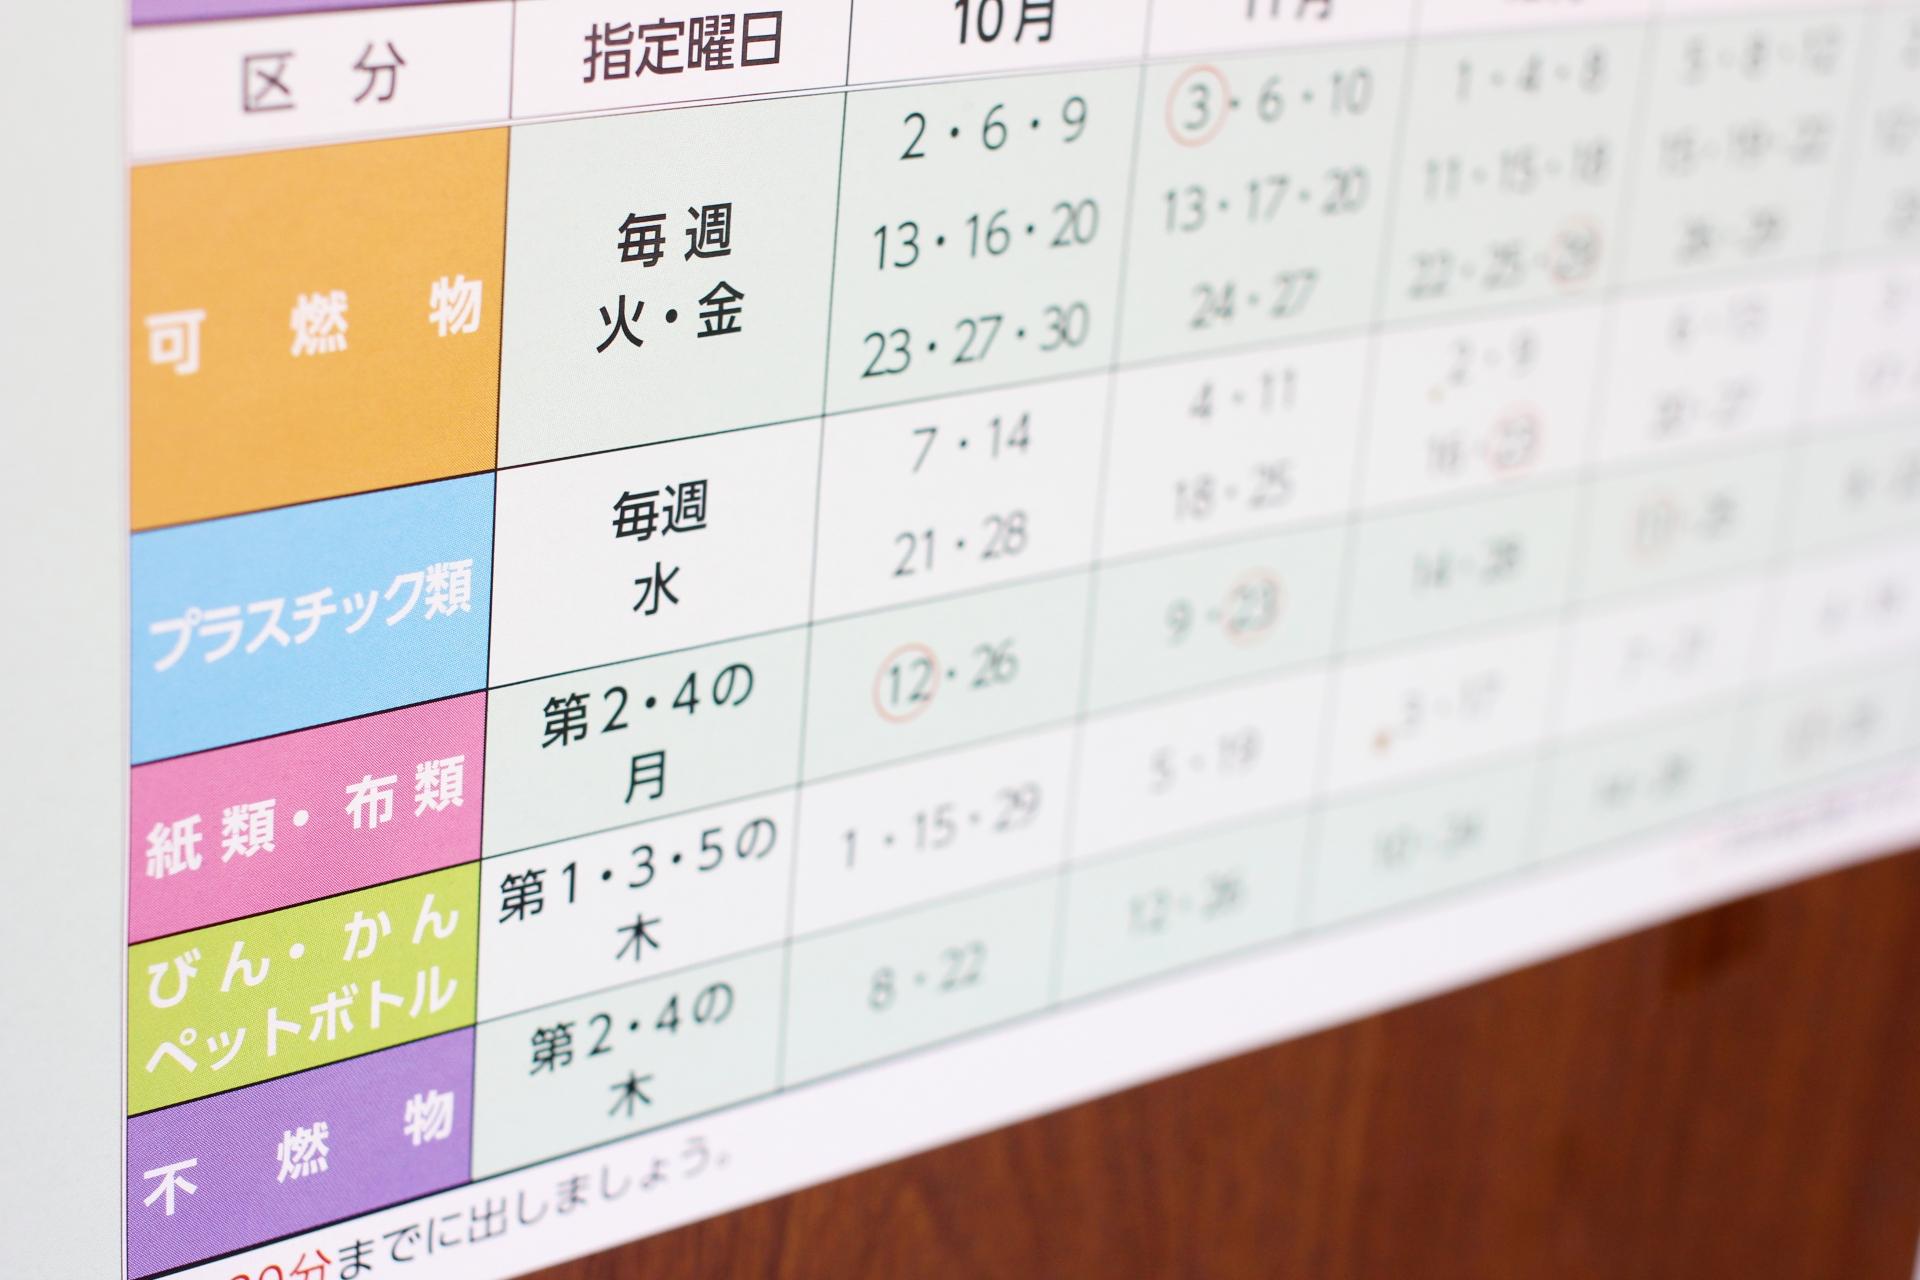 ごみの素材別分類表